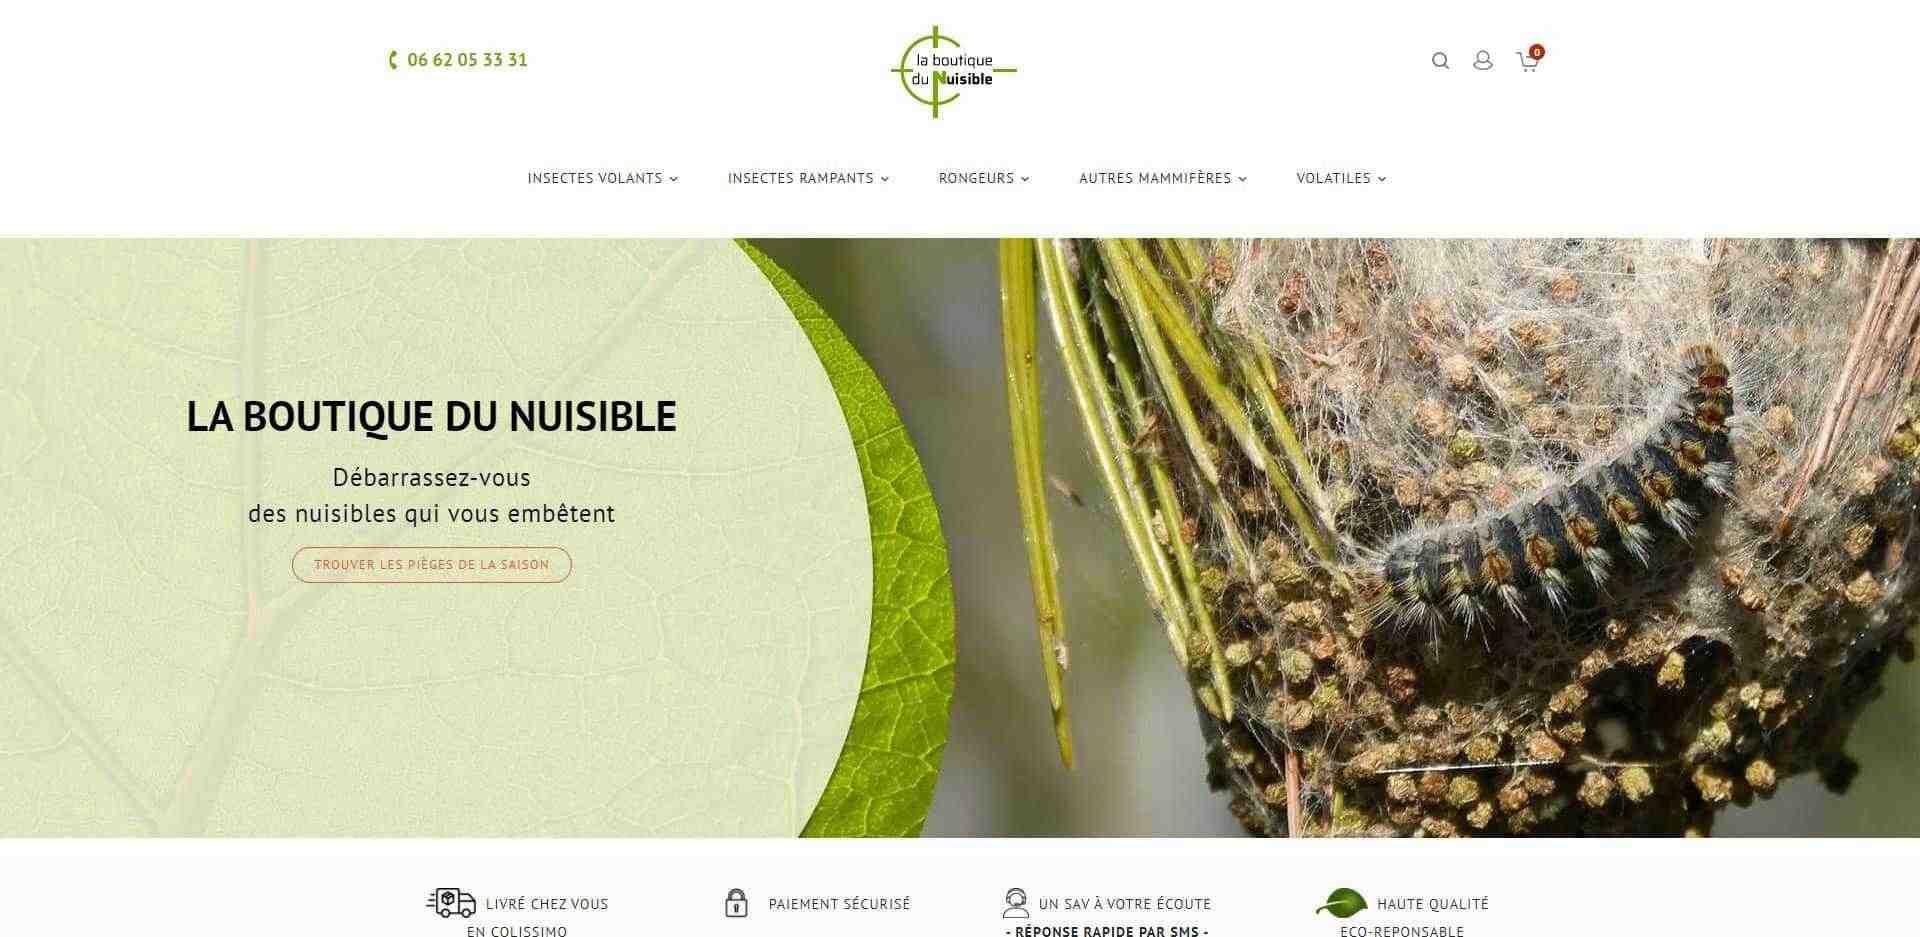 page d'acceuil dsu site de vente en ligne : la boutique du nuisible